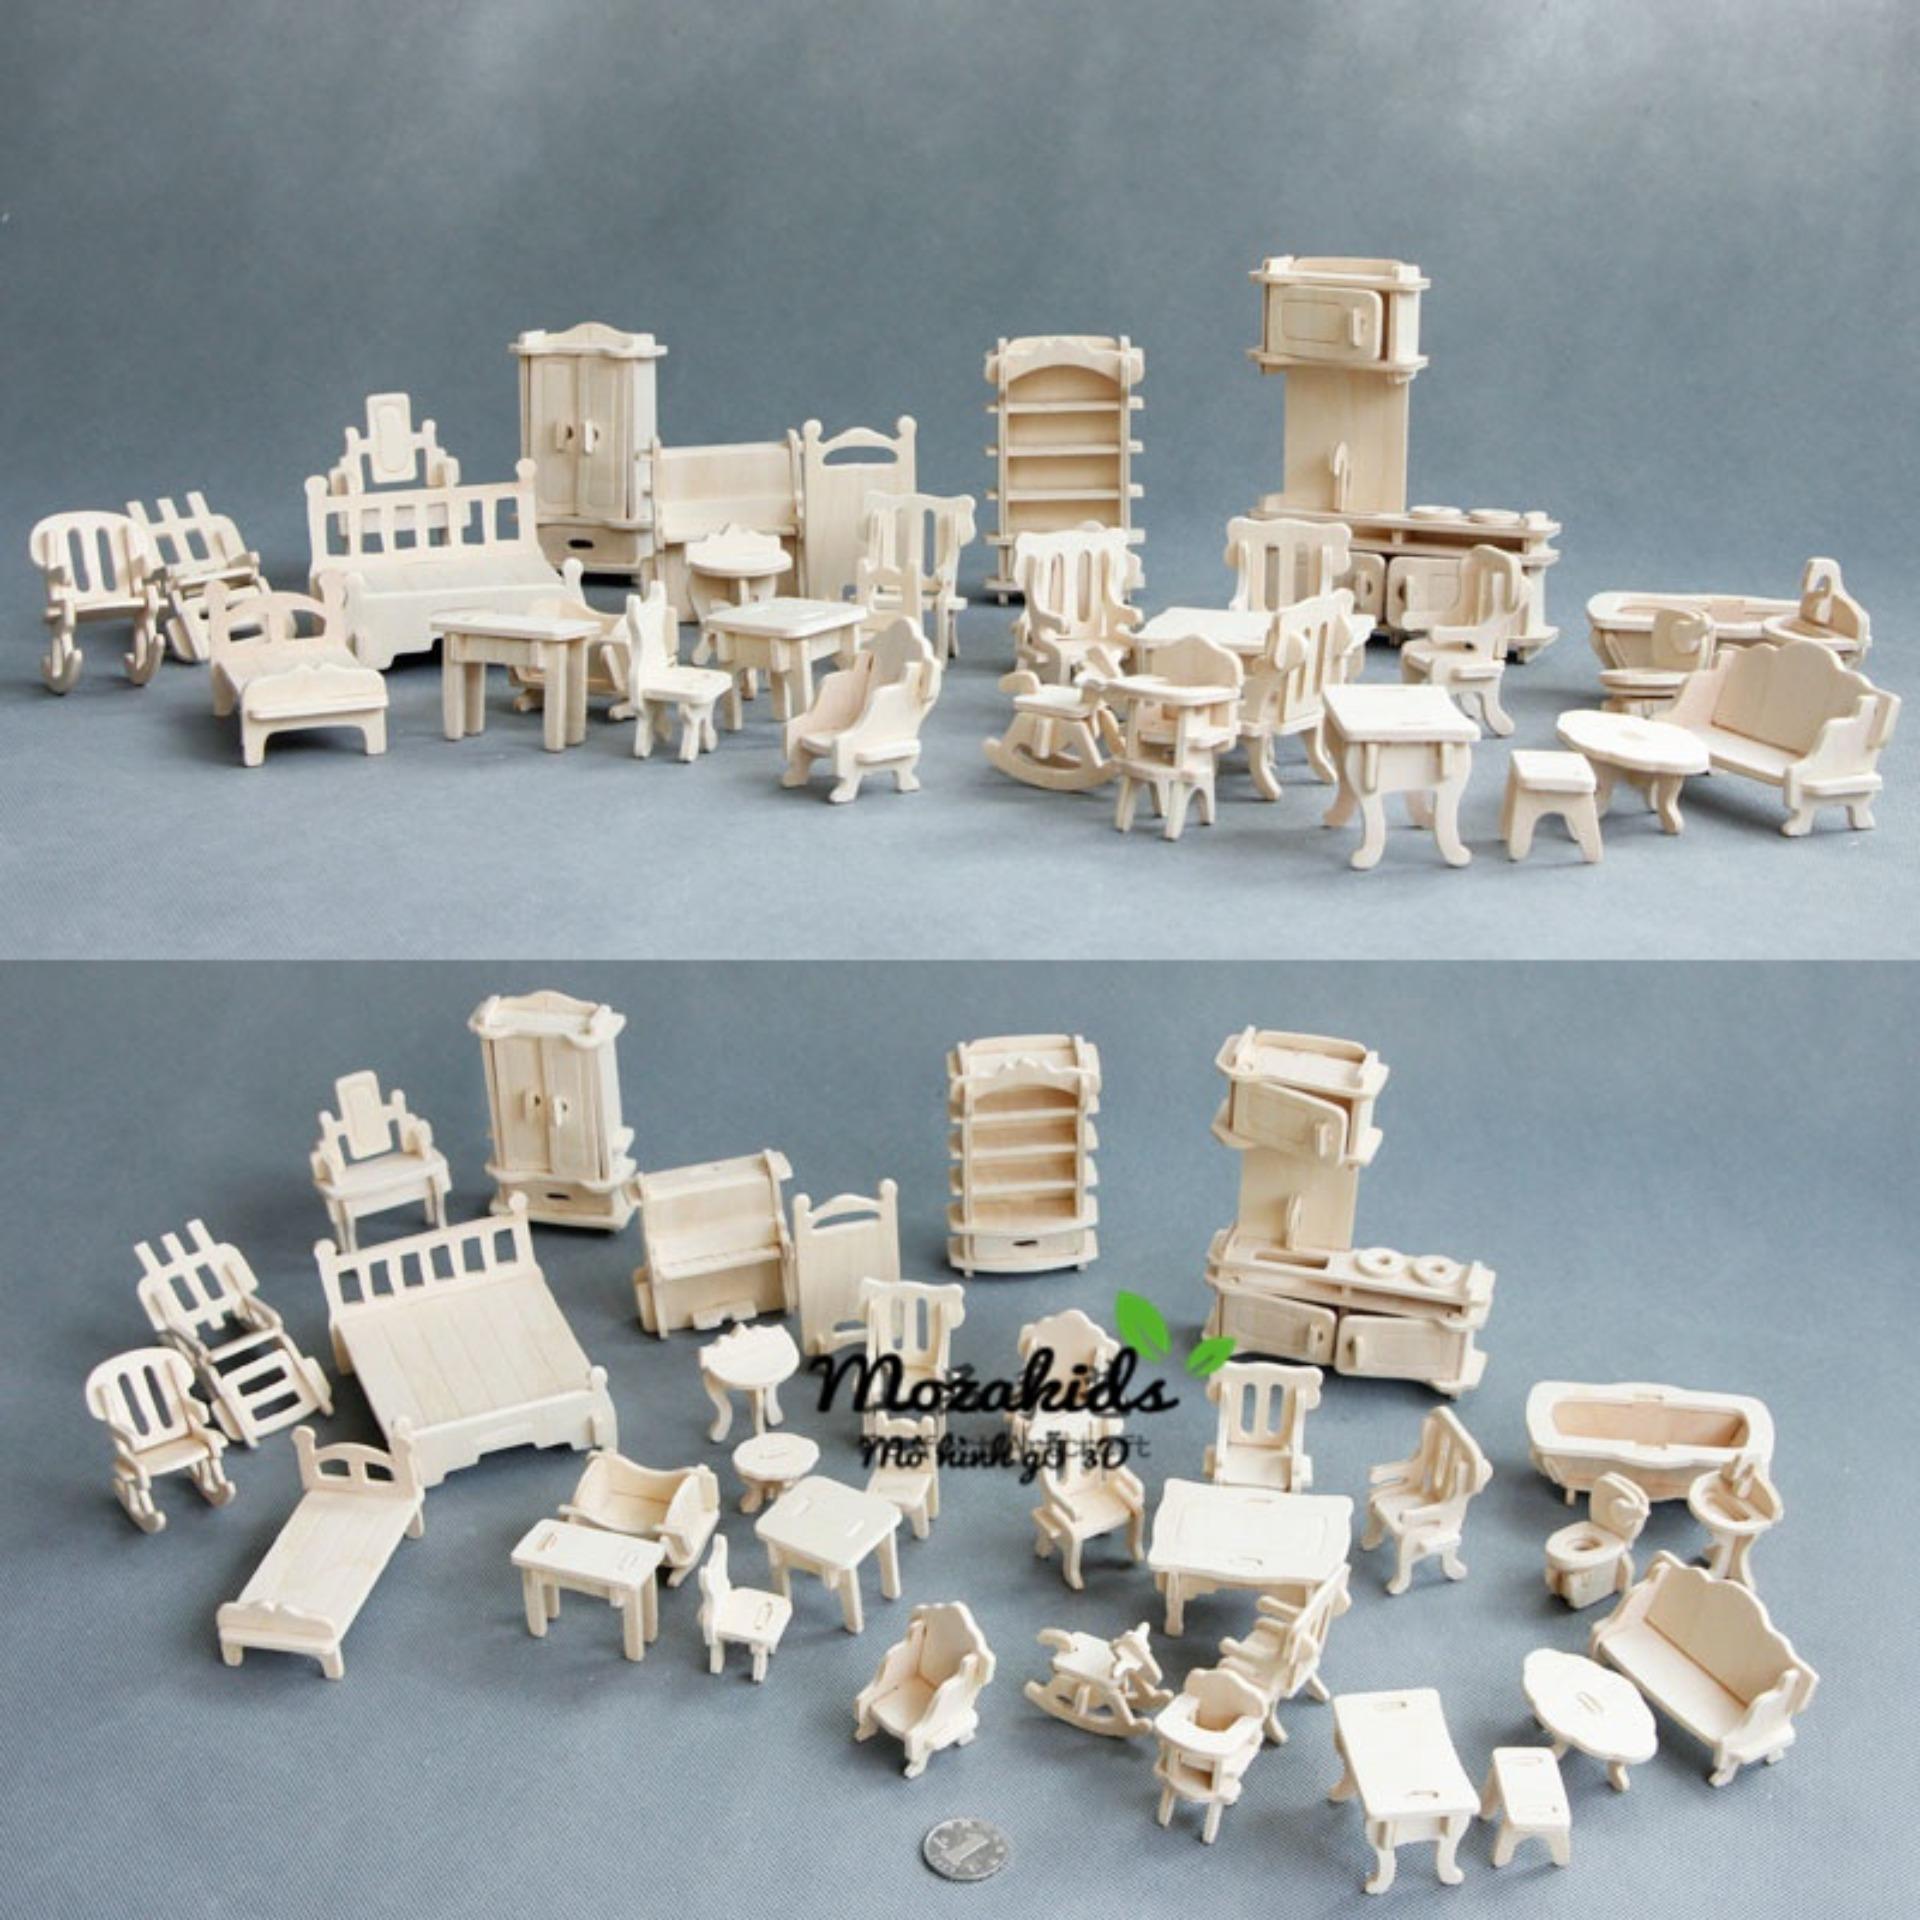 Đồ Chơi Lắp Ráp Gỗ 3D Mô Hình Nội Thất 36 Món Giá Giảm